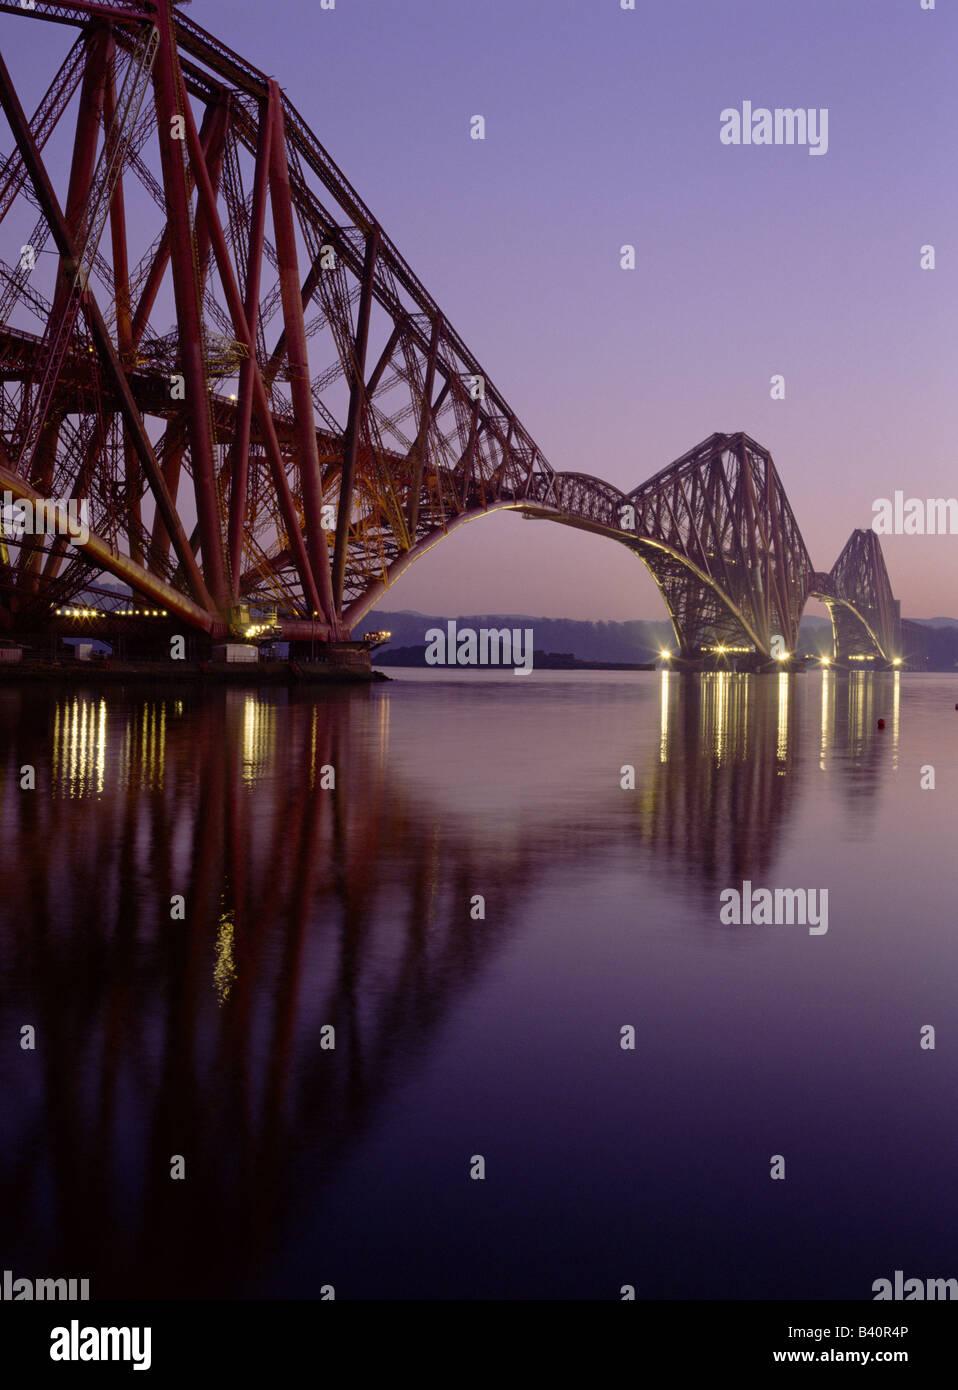 dh Forth Railway Bridge FORTH BRIDGE FORTH BRIDGE Victorian Cantilever bridge Firth of Forth river rail scotland - Stock Image